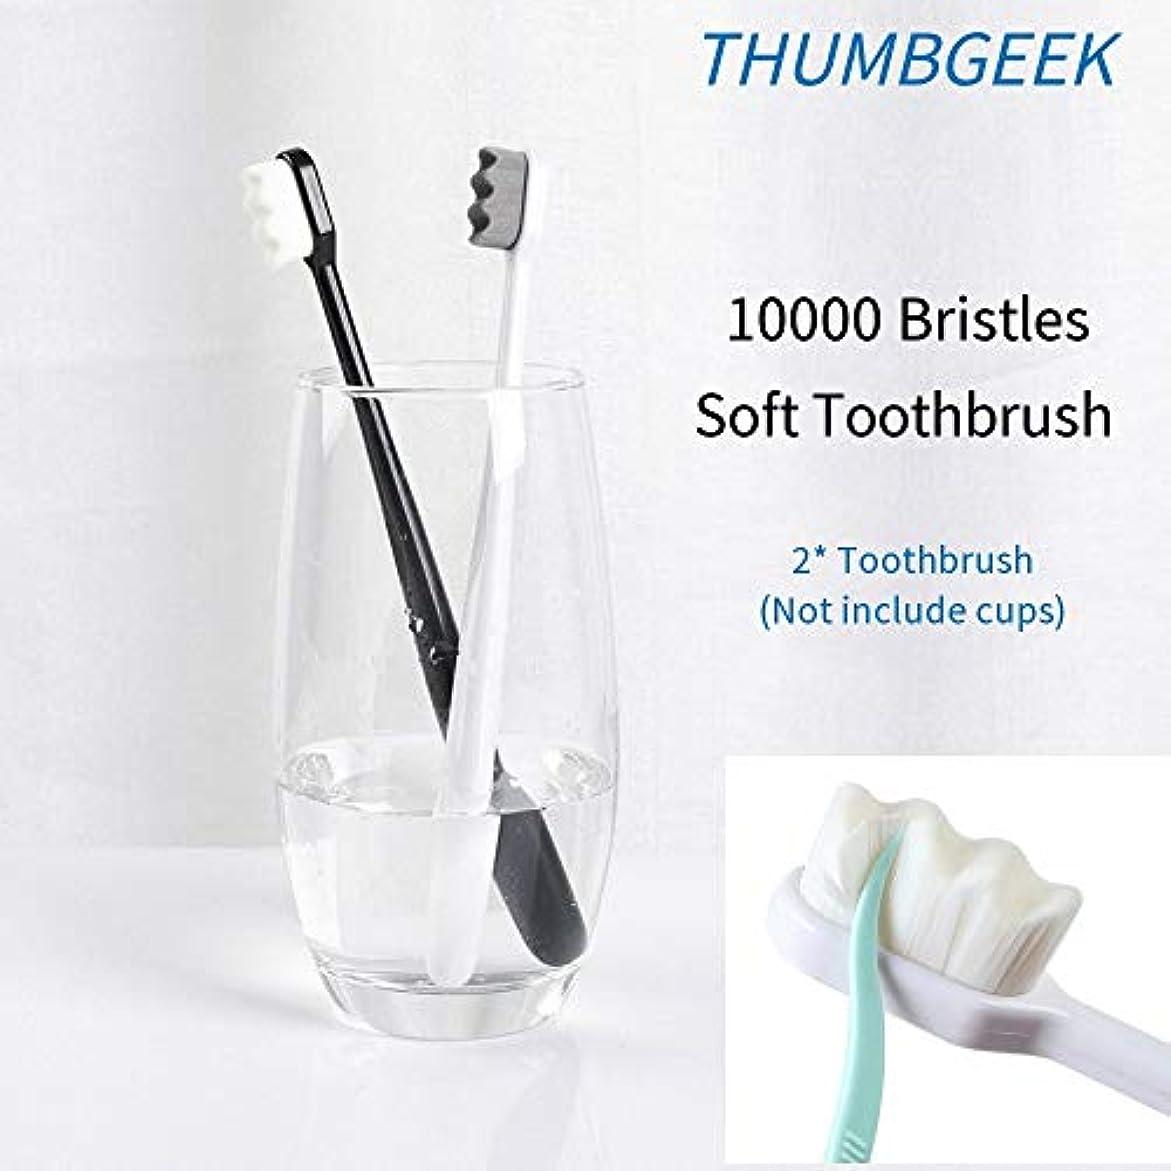 ずるいエンジニアリング事前2本の歯ブラシ、ウルトラソフト歯ブラシ、家族の妊娠中の女性用、年配の看護の歯肉に敏感なディープマウスクリーンオーラルケア、手動歯ブラシ